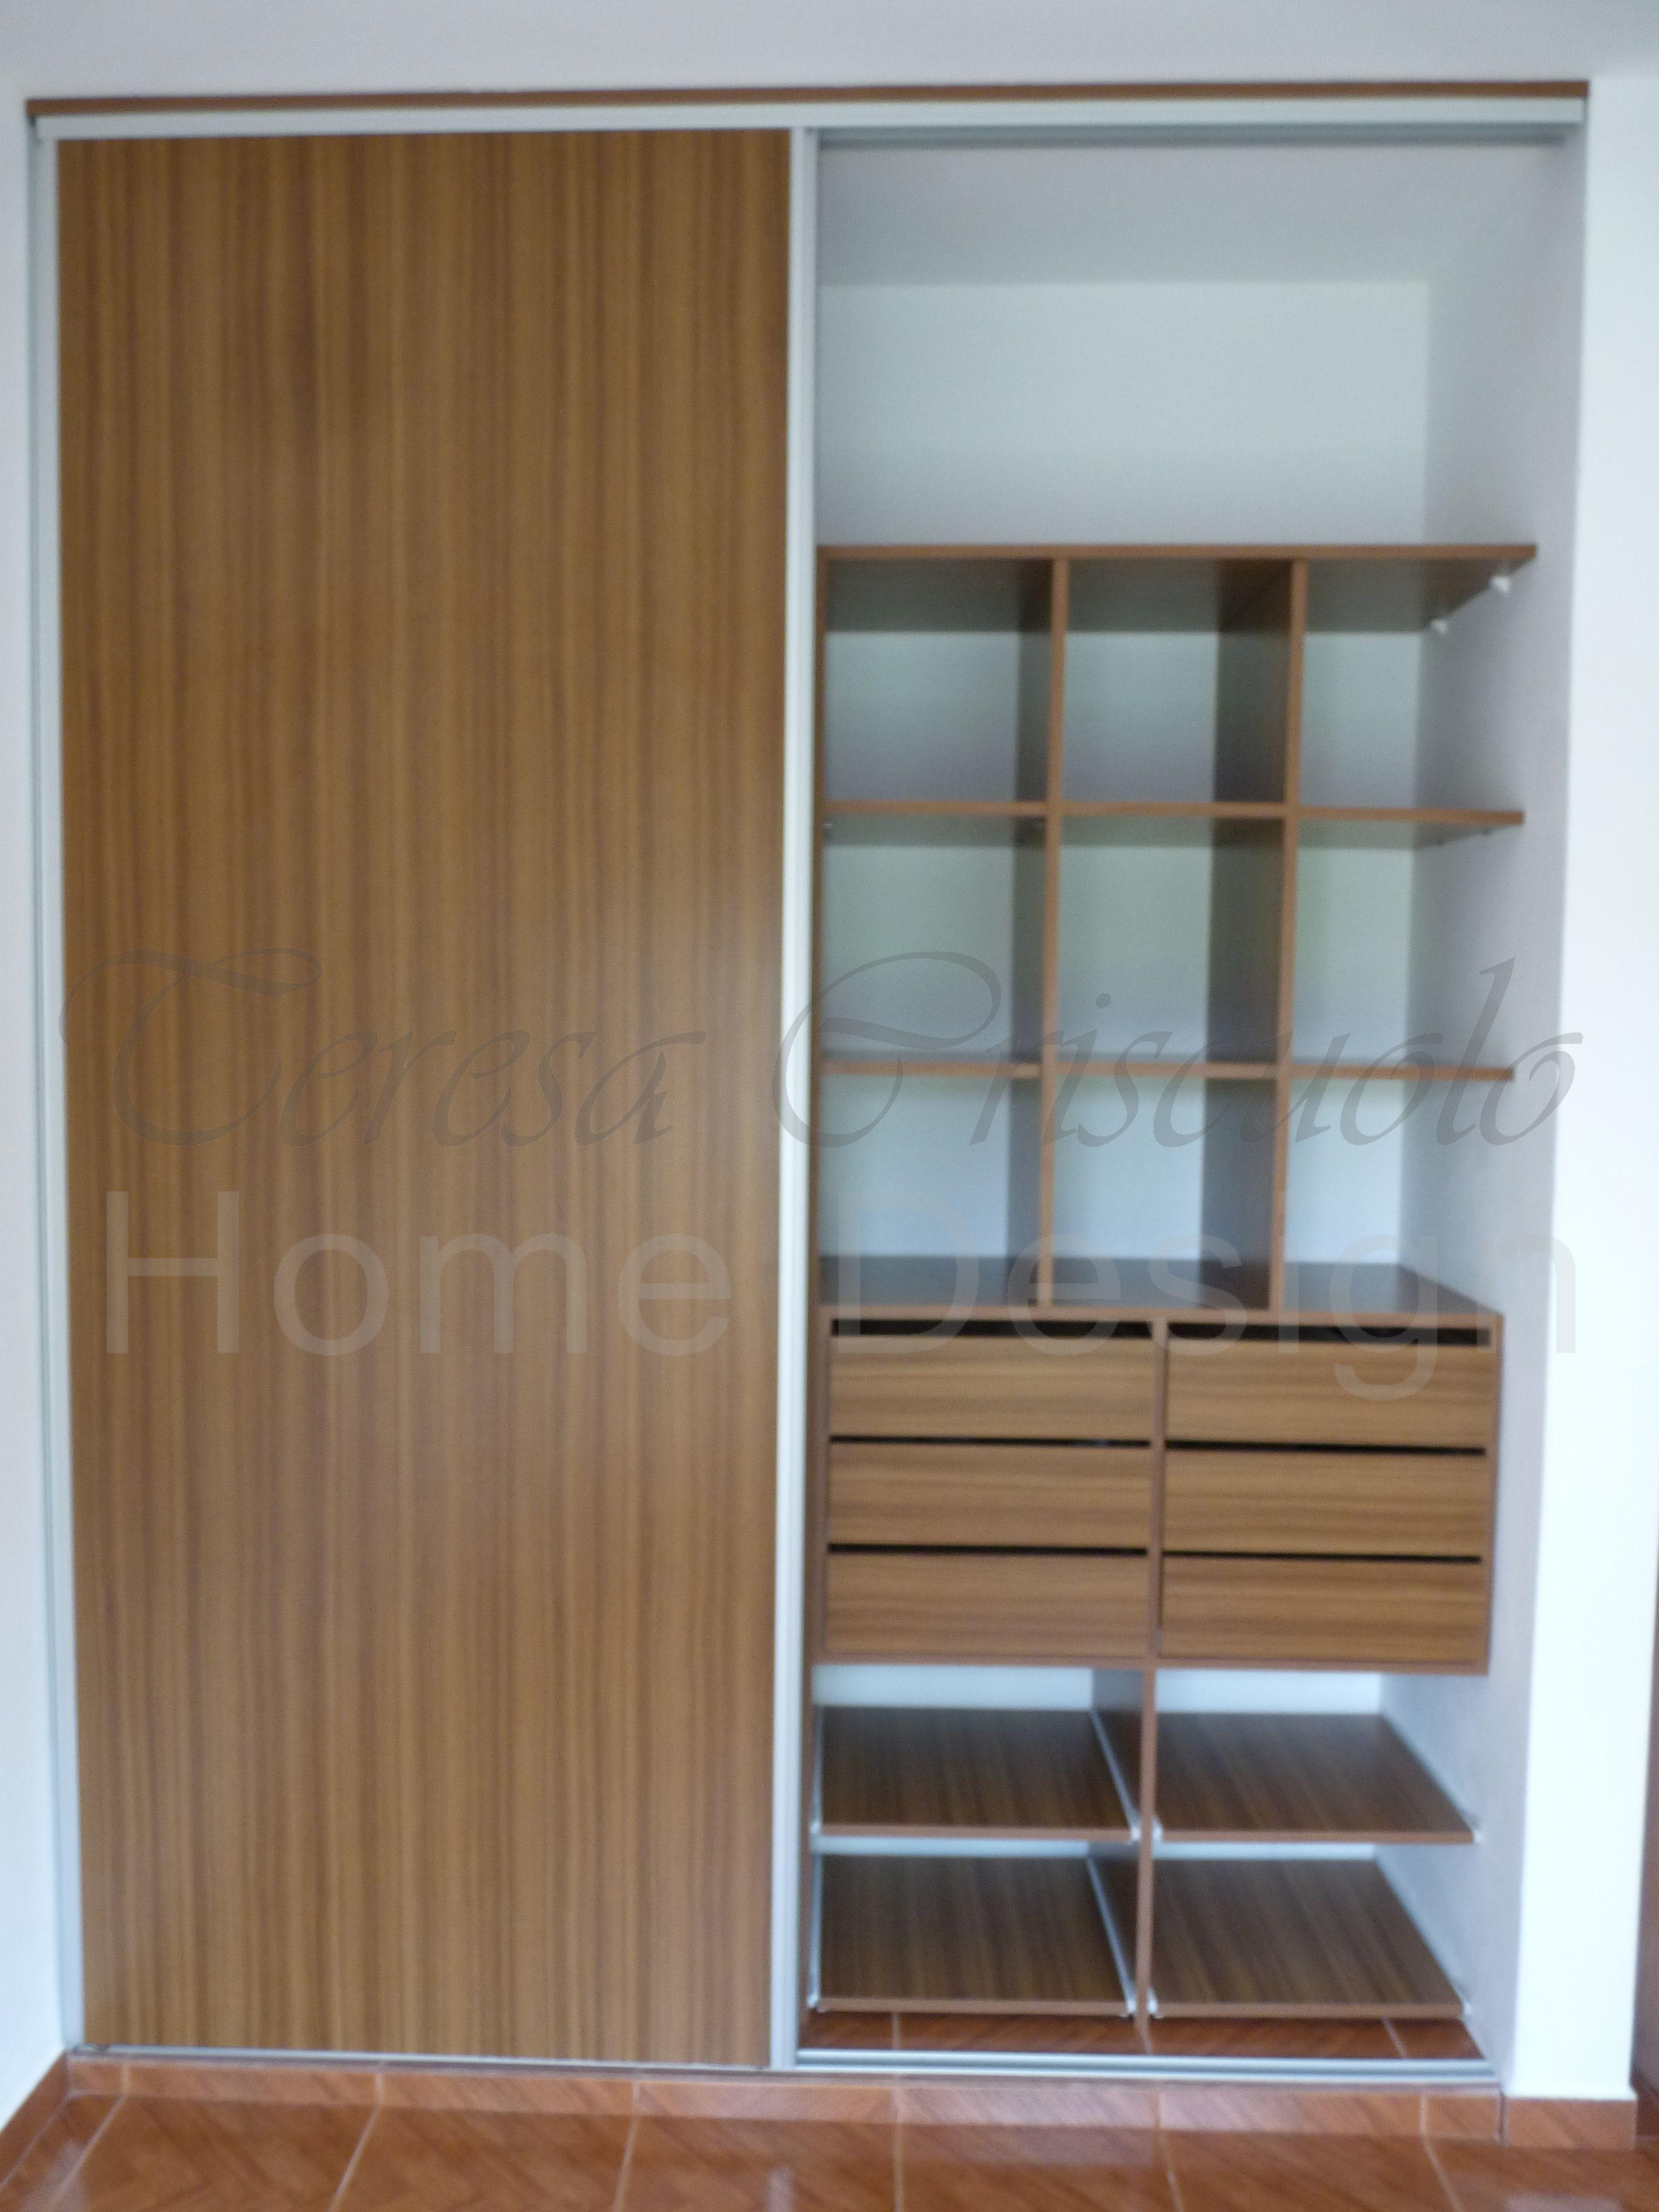 Puertas de placard corredizas en melamina con perfil de aluminio interior con boxes para ropa - Perfiles de aluminio para armarios ...